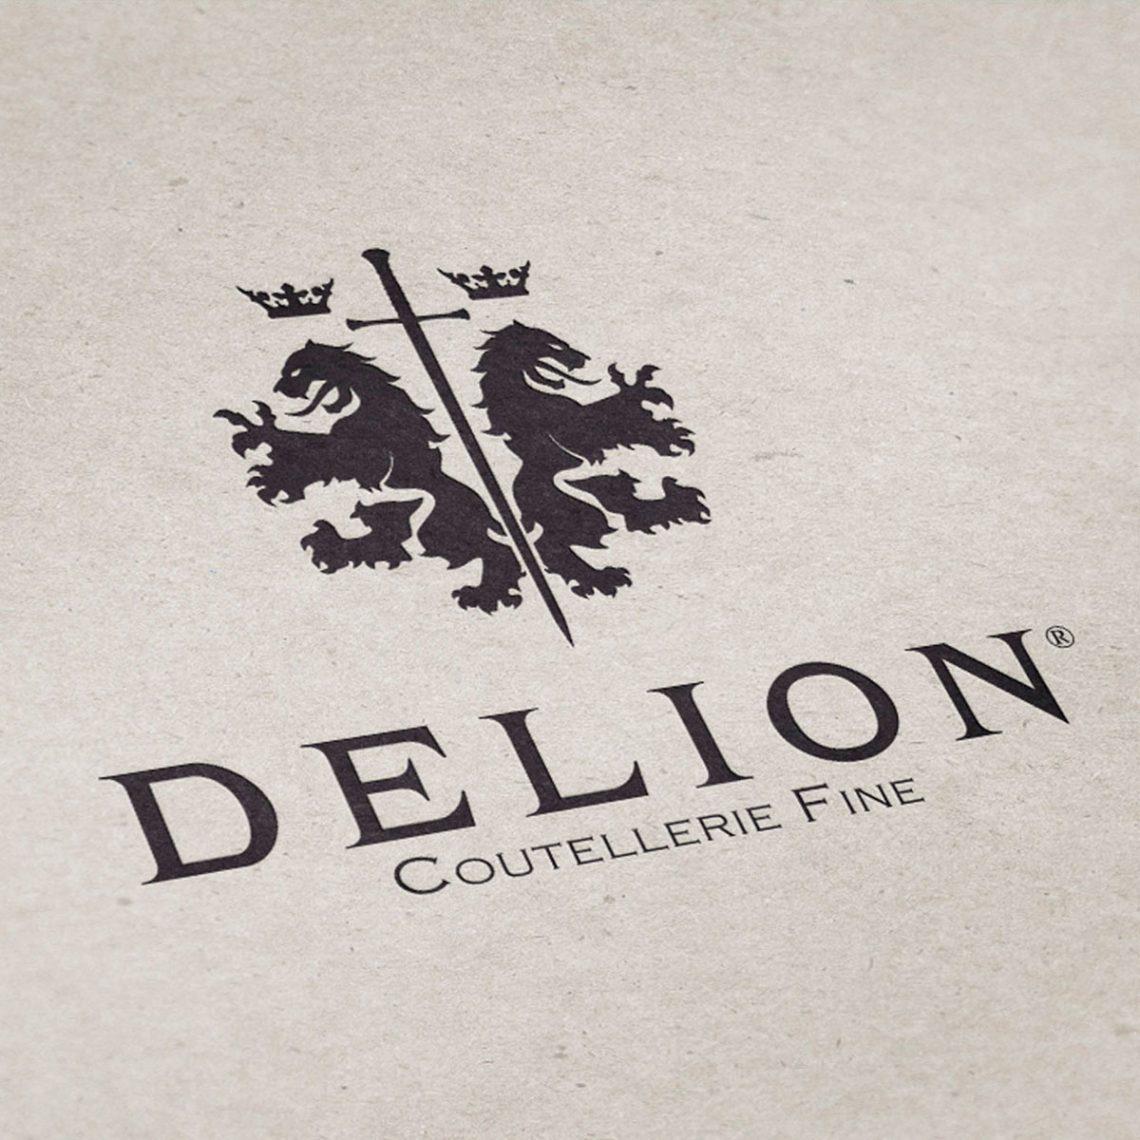 Coutellerie Delion